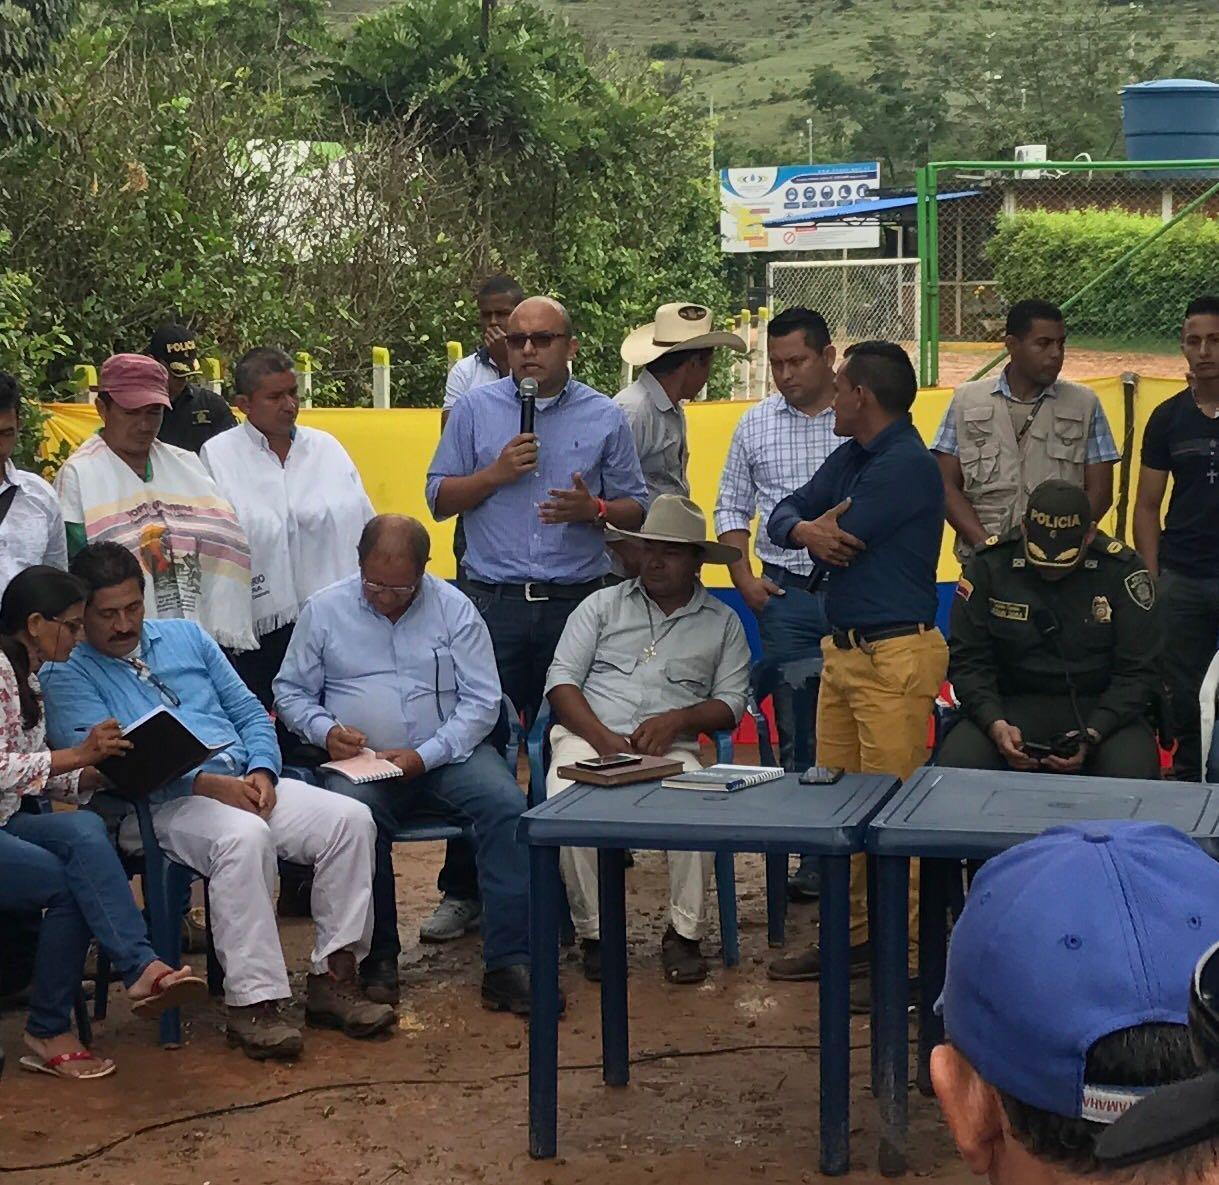 #EnAudio Concejal Christián Rodrigo Pérez señaló que problema de relleno sanitario puede ser más grave q crisis x falta de agua